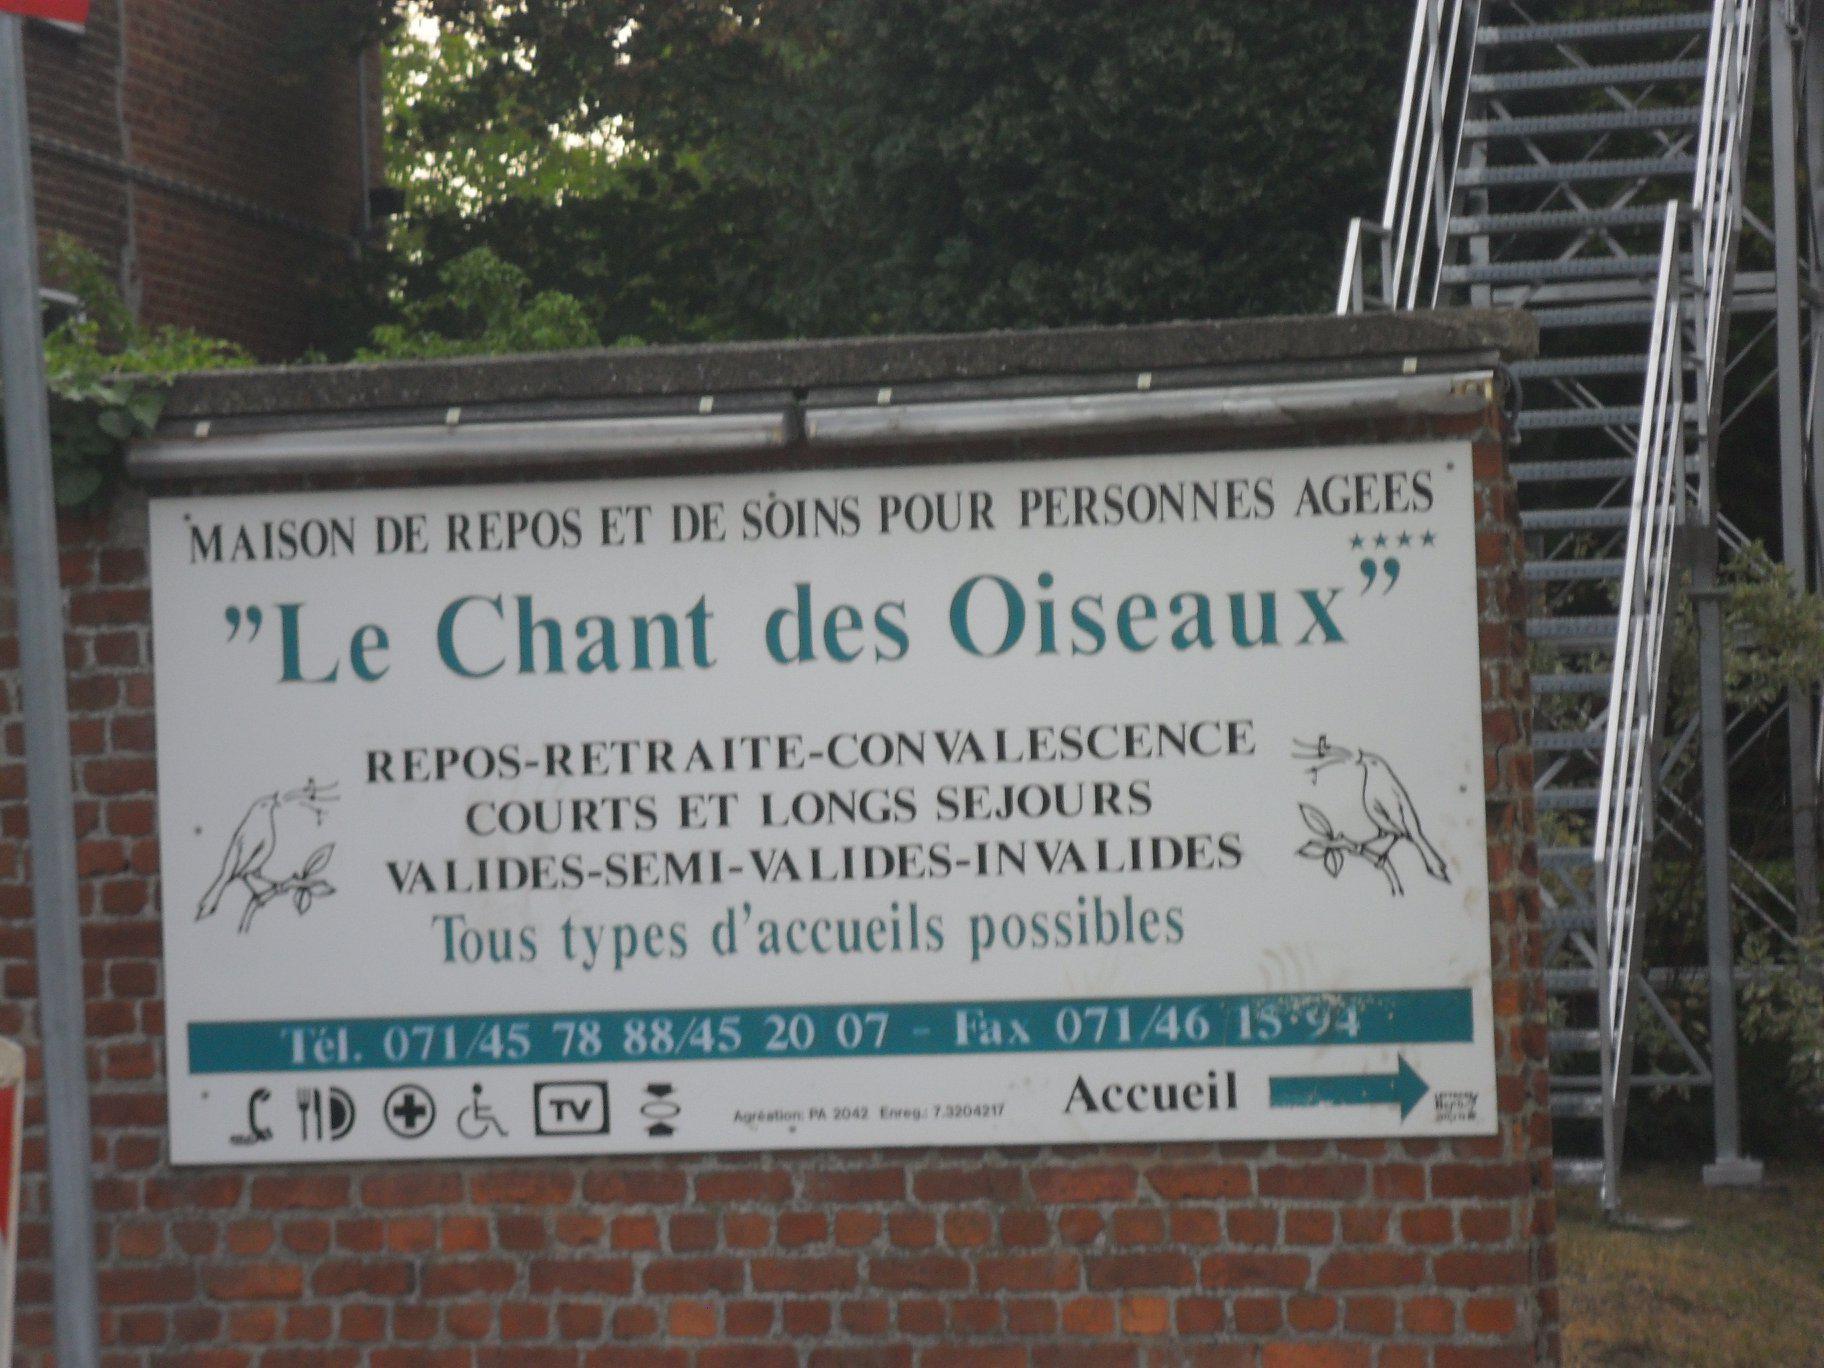 Maison de repos pour personnes âgées Le Chant des oiseaux